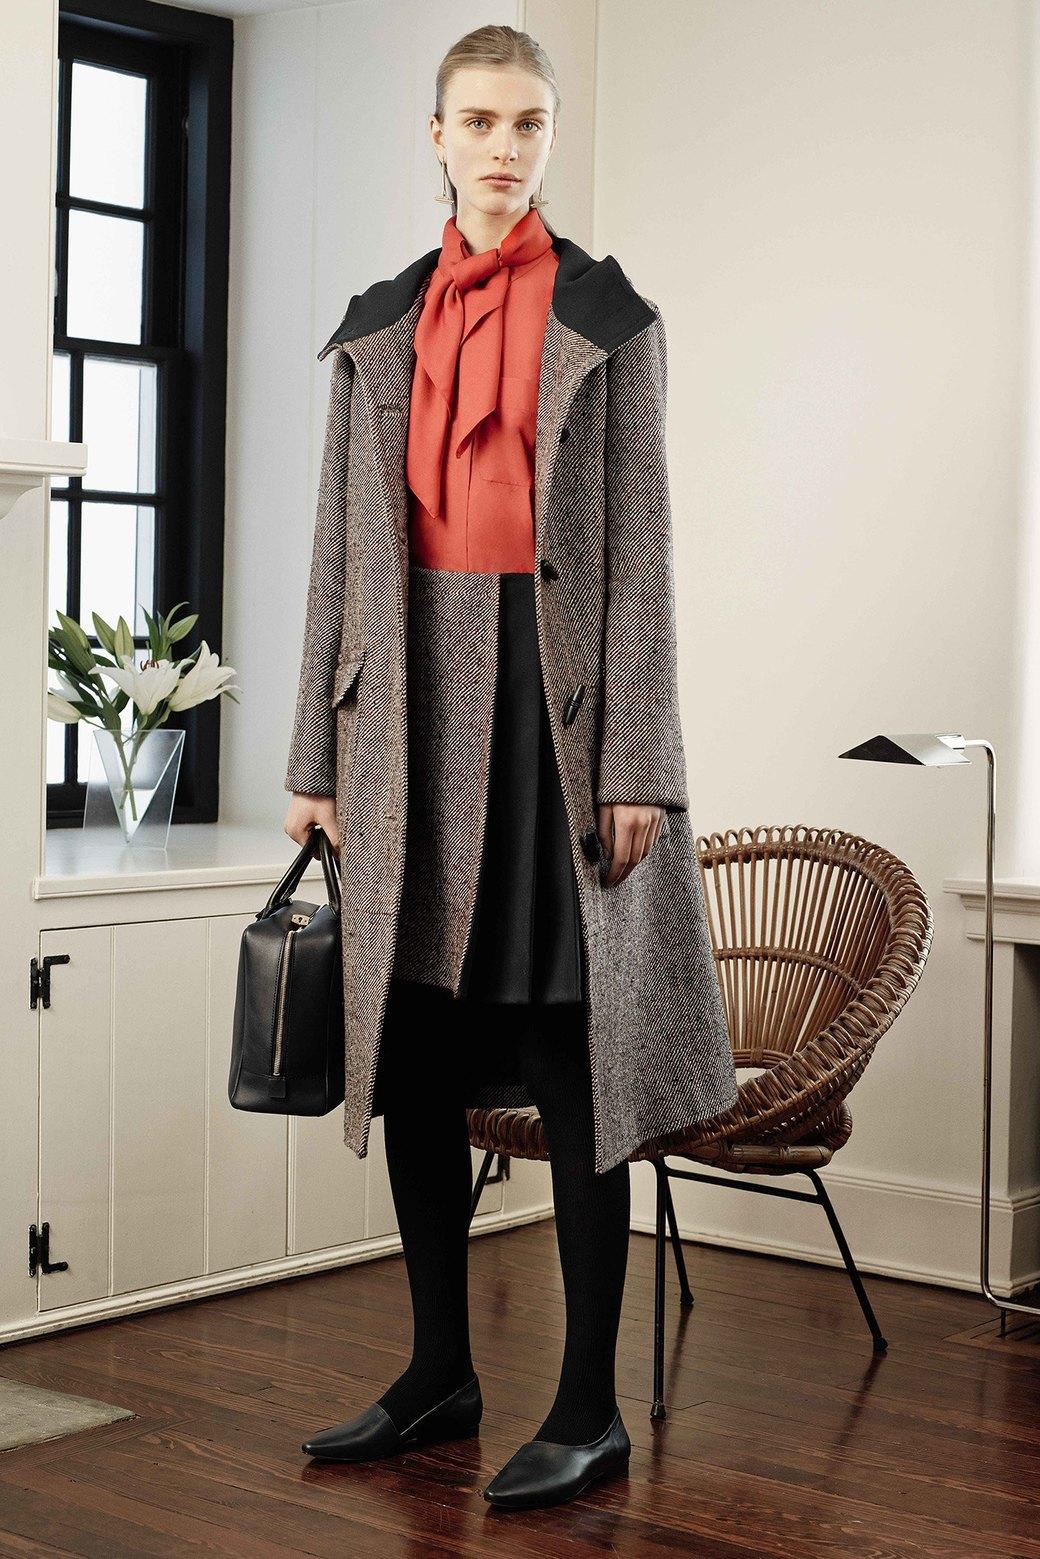 Что носить в офис: 8 осенних образов  в деловом стиле. Изображение № 5.